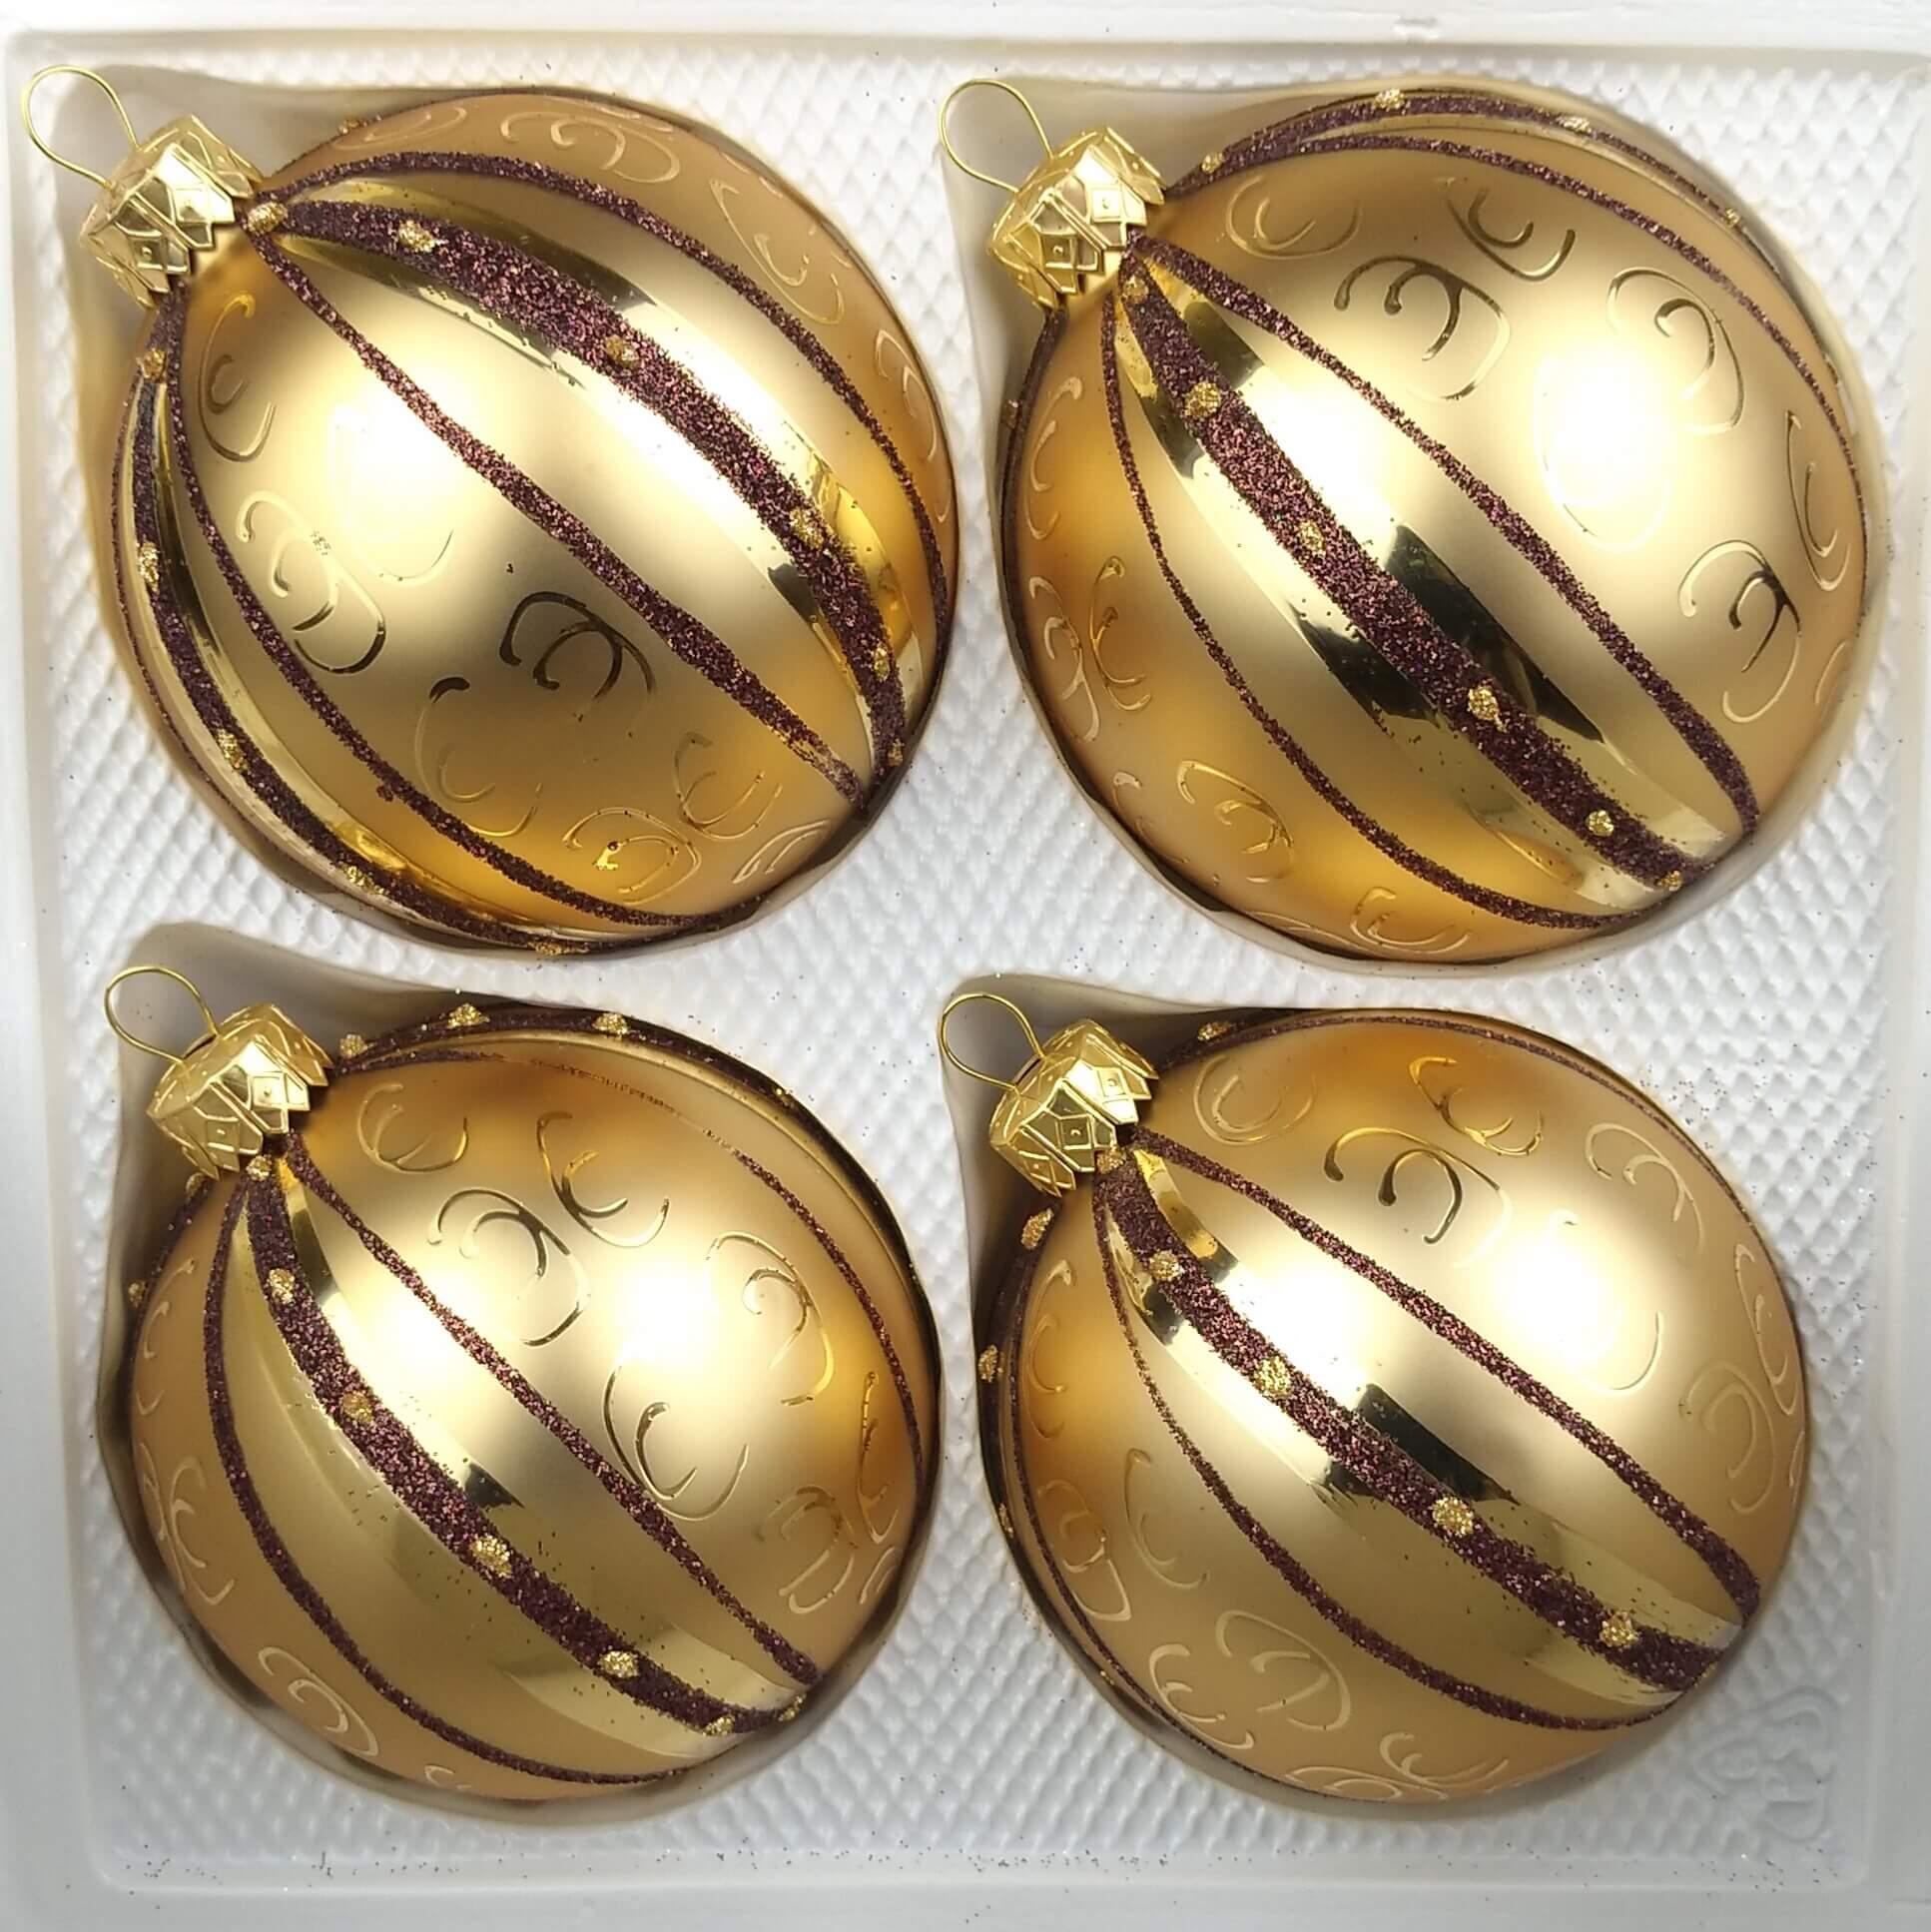 Christbaumkugeln 12 Cm Durchmesser.4 Tlg 12cm Glas Weihnachtskugeln Set 12cm O In Goldener Traum Spezial